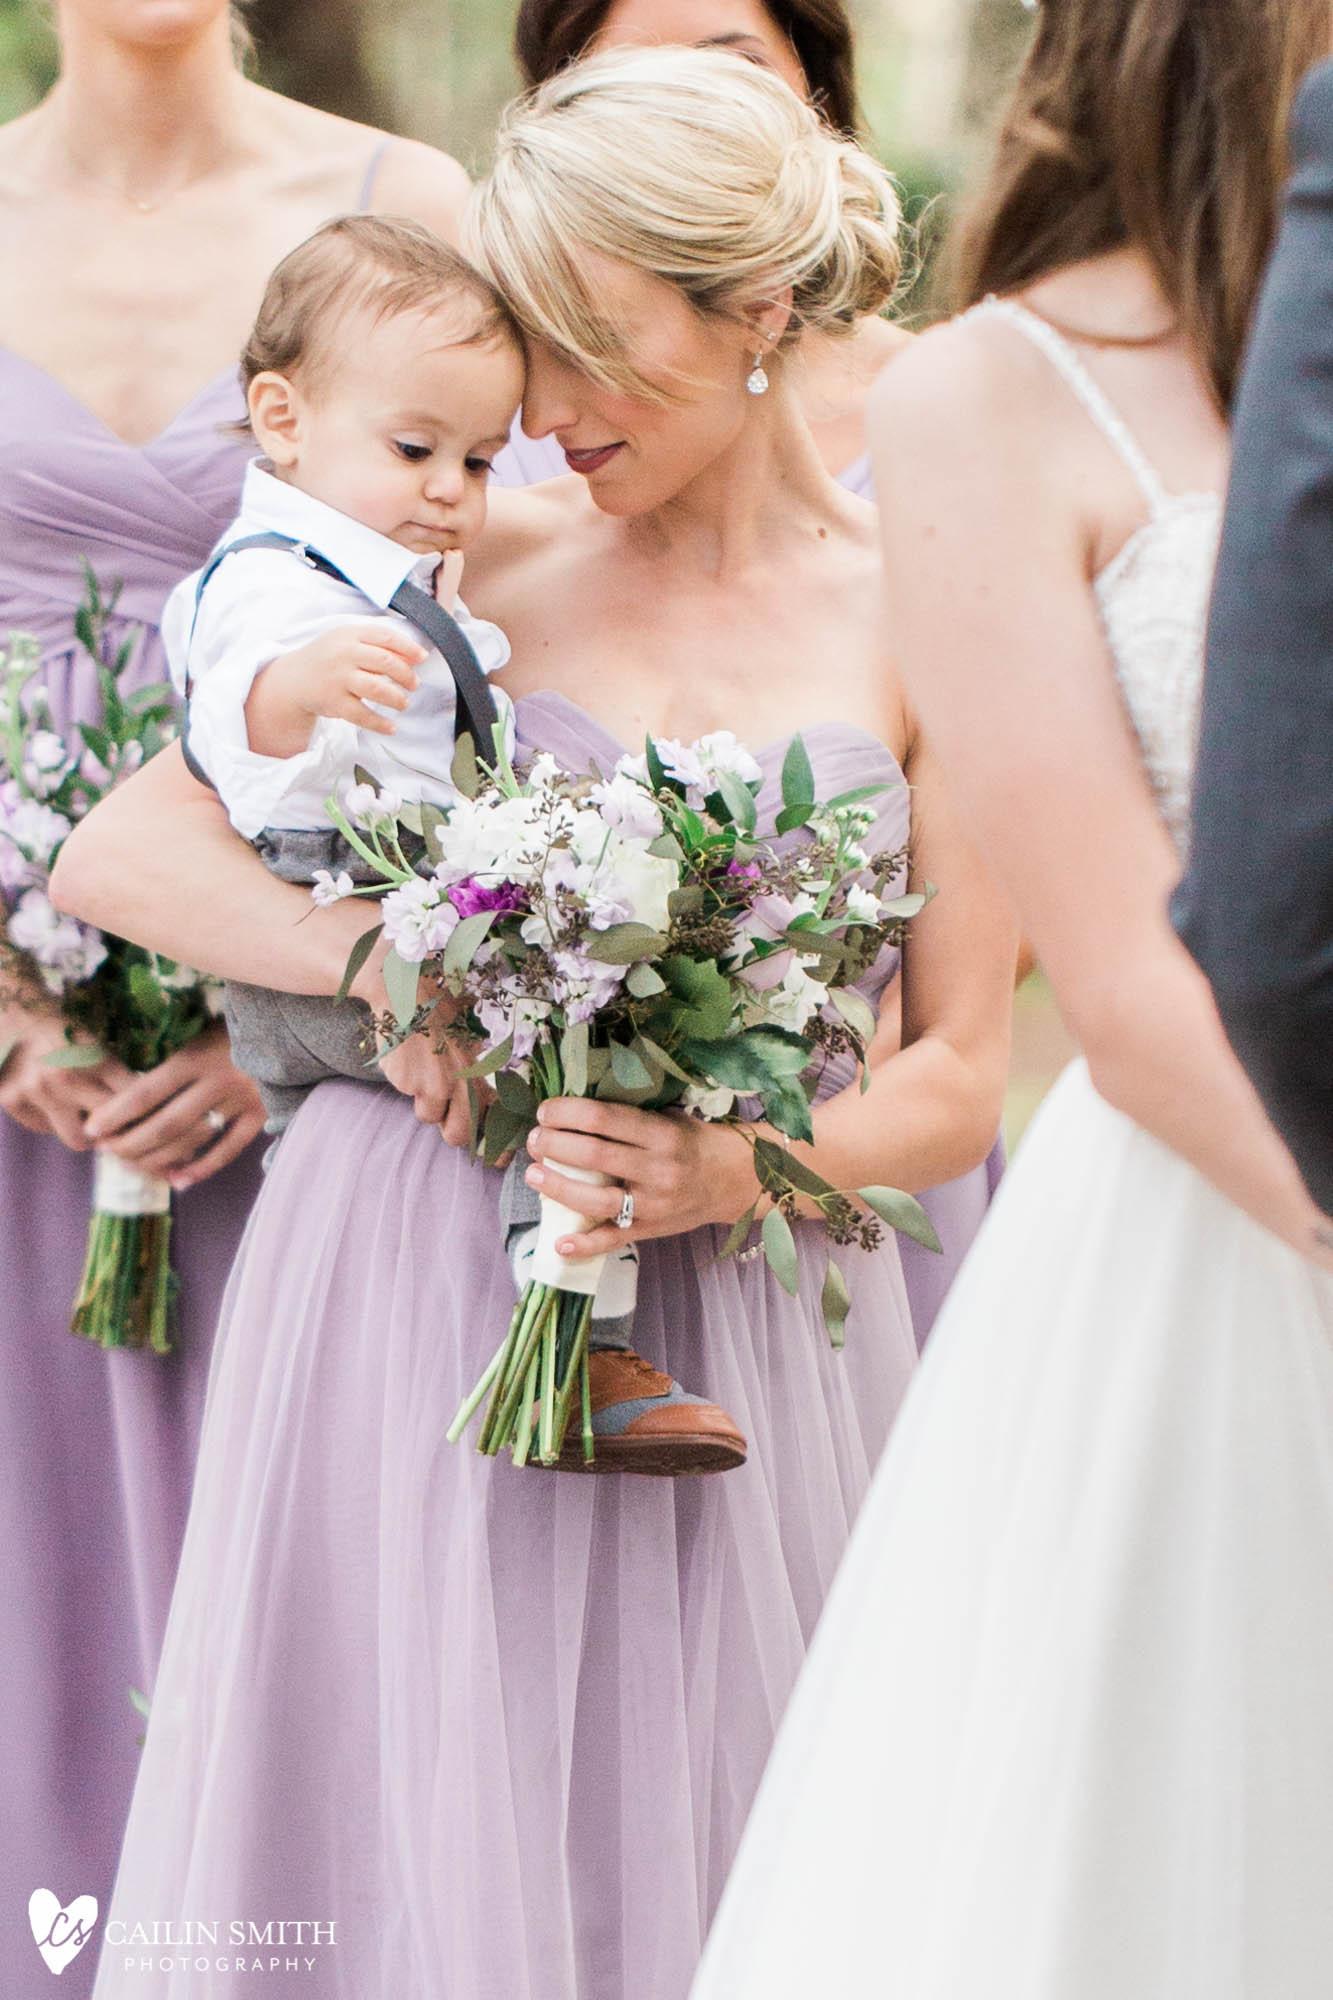 Sylvia_Anthony_Bowing_Oaks_Plantation_Wedding_Photography_0049.jpg